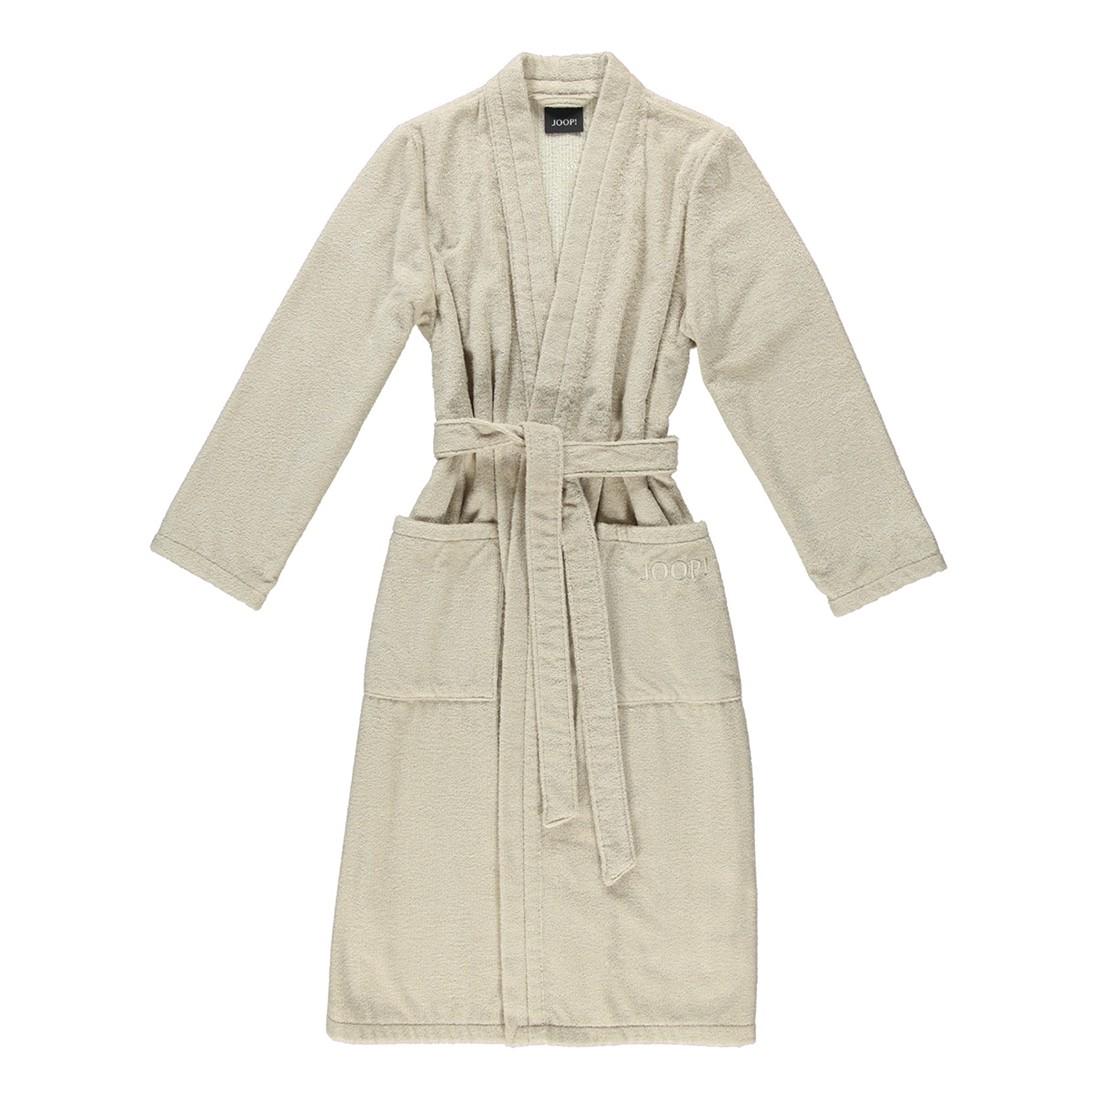 Bademantel 1616 Classic – Damen FRottier – 100% Baumwolle Sand – 30 – Größe: M, Joop günstig